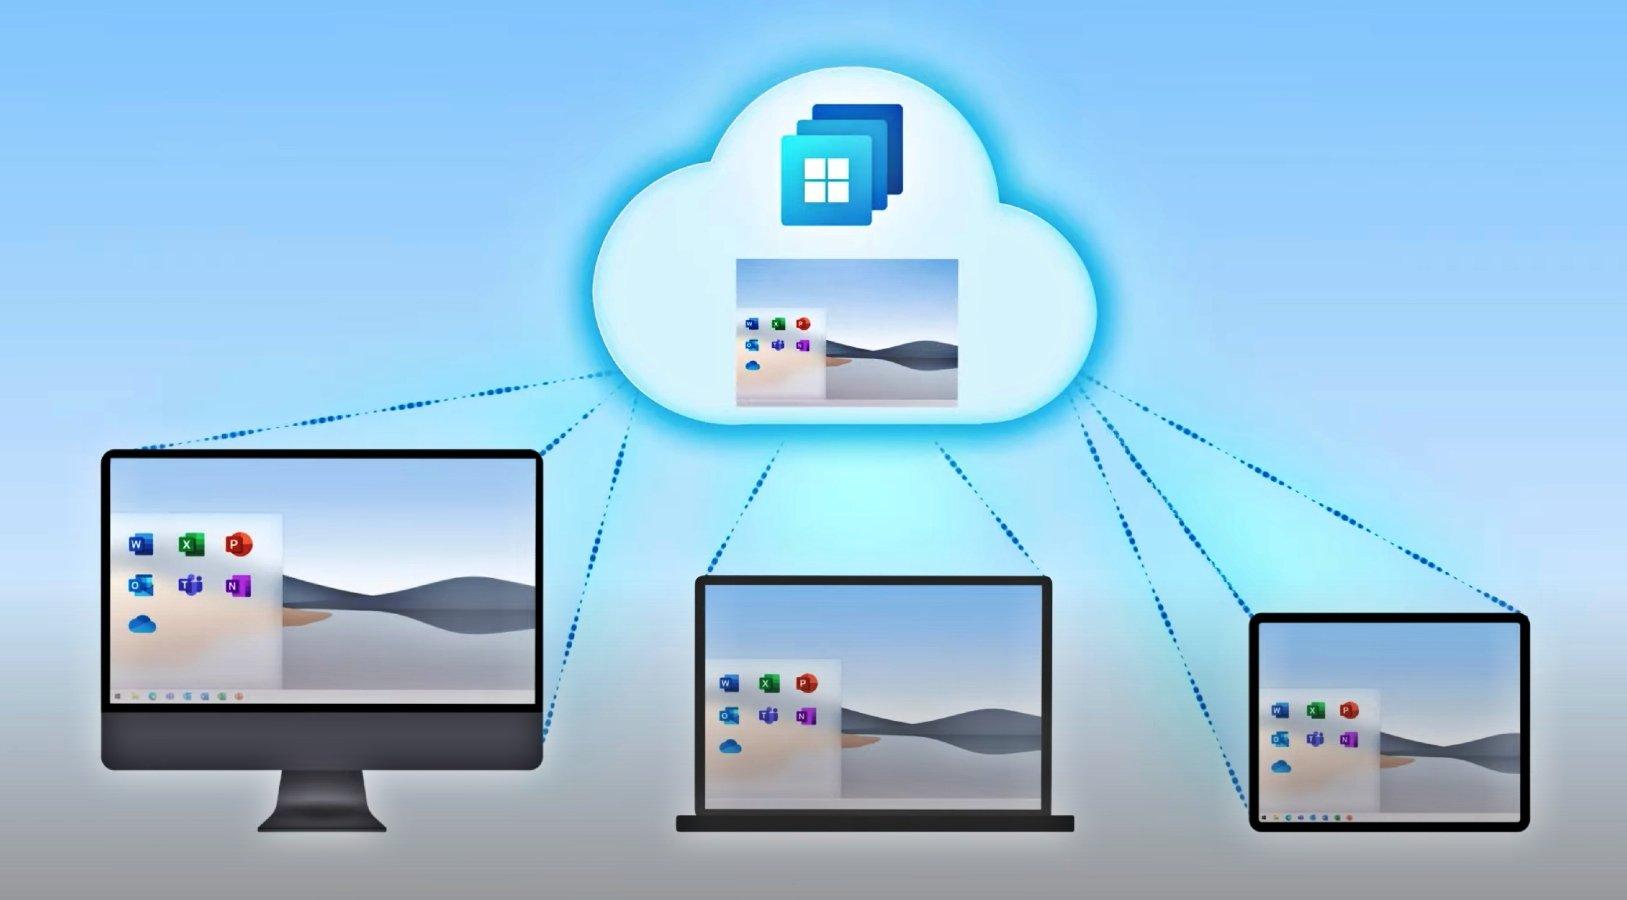 Microsoft comparte una guía sobre cómo proteger las PC con Windows 365 Cloud